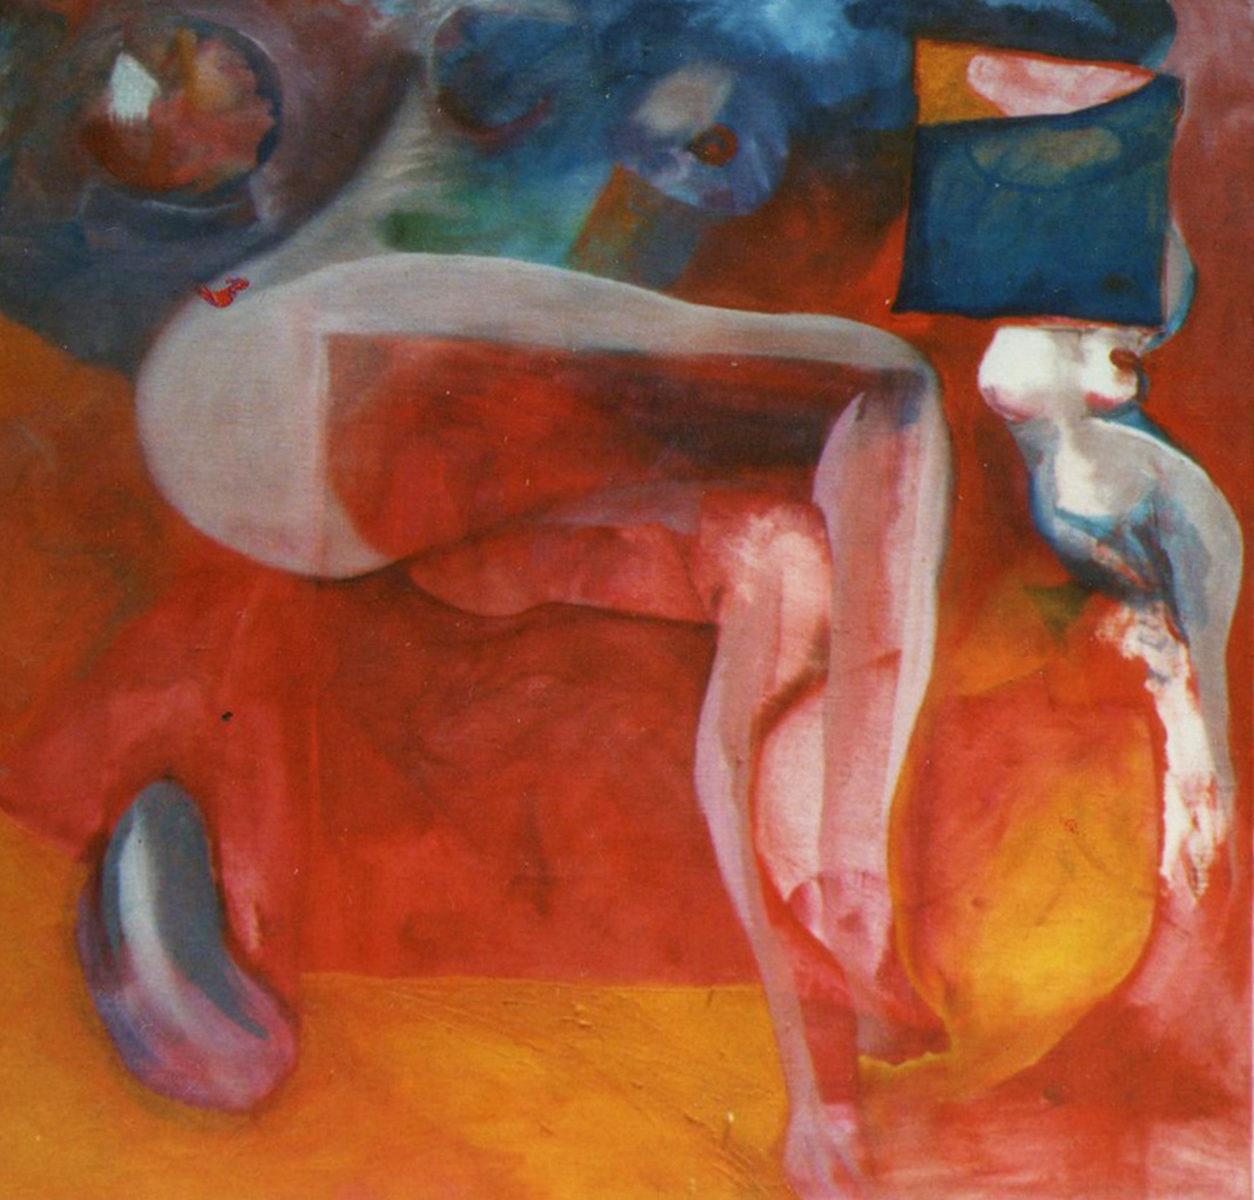 Pintura de nu reclinado no sofa vermelho